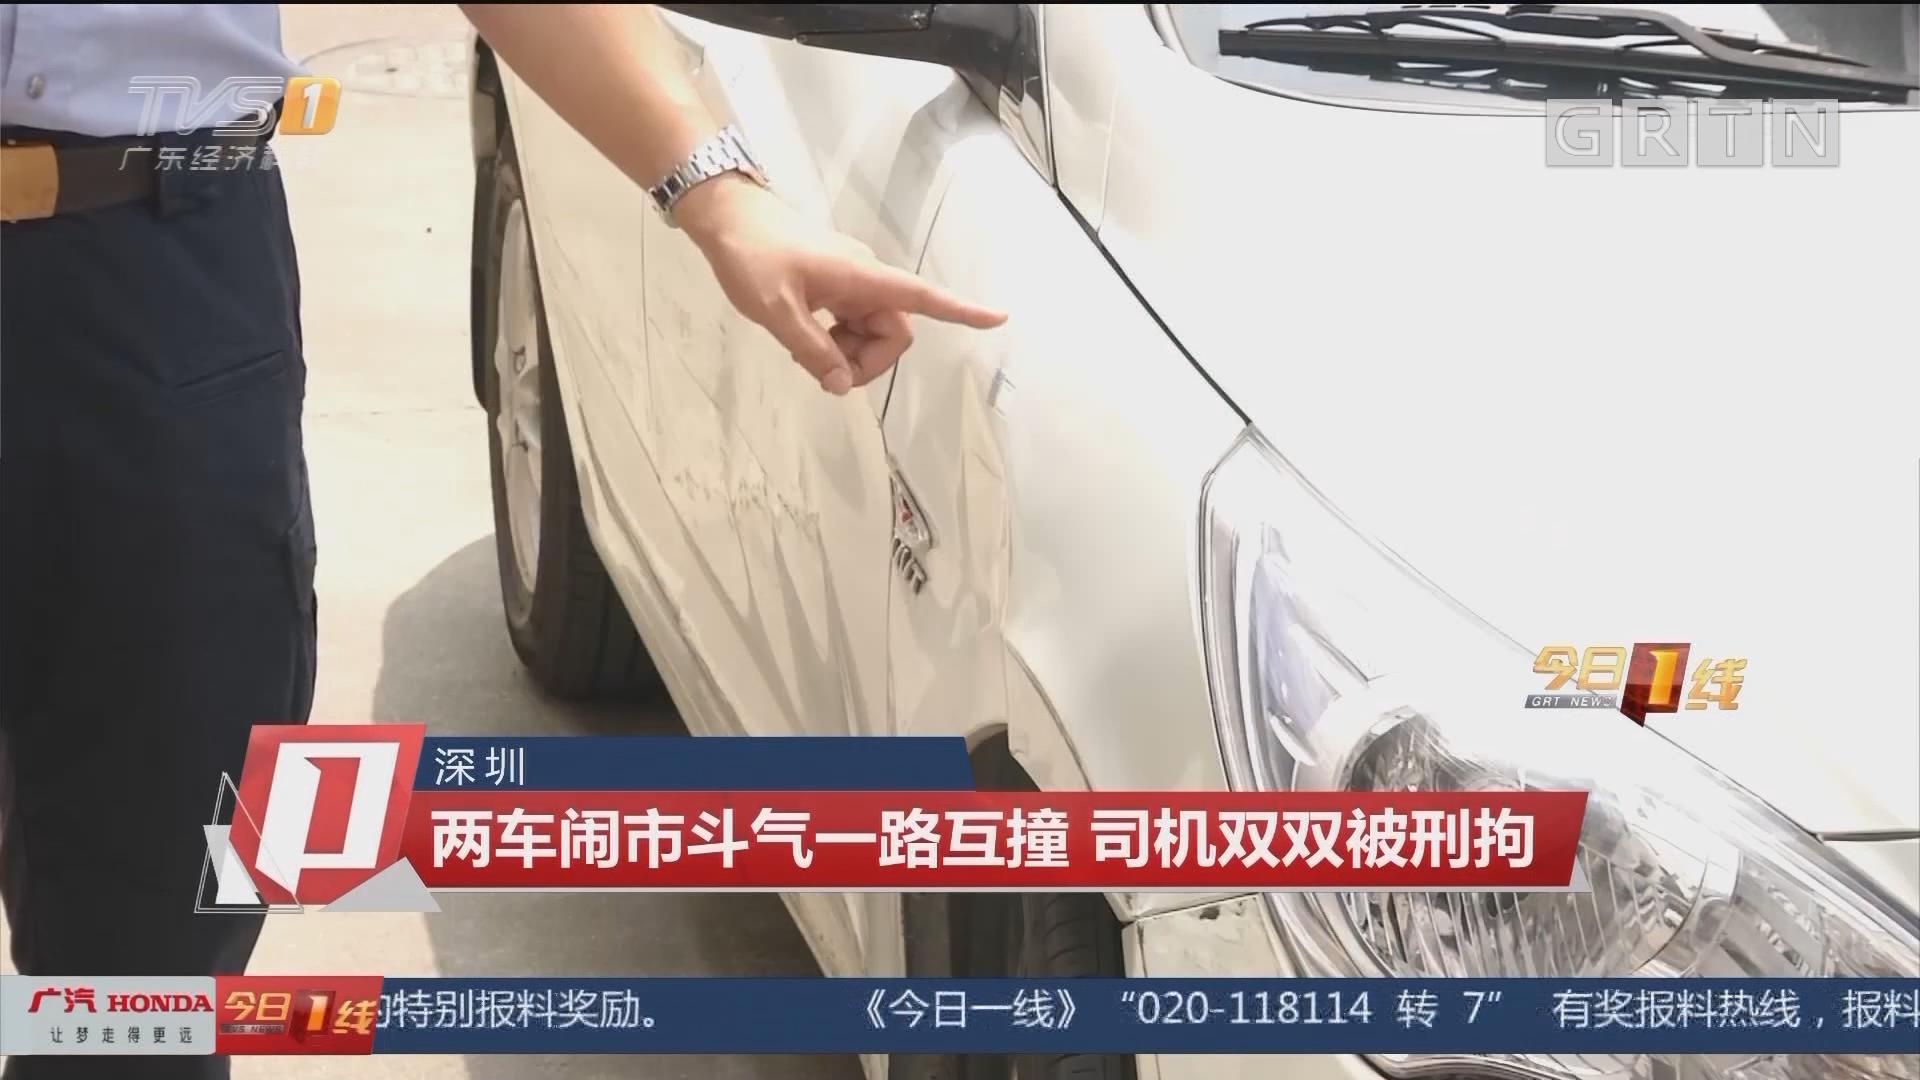 深圳:两车闹市斗气一路互撞 司机双双被刑拘